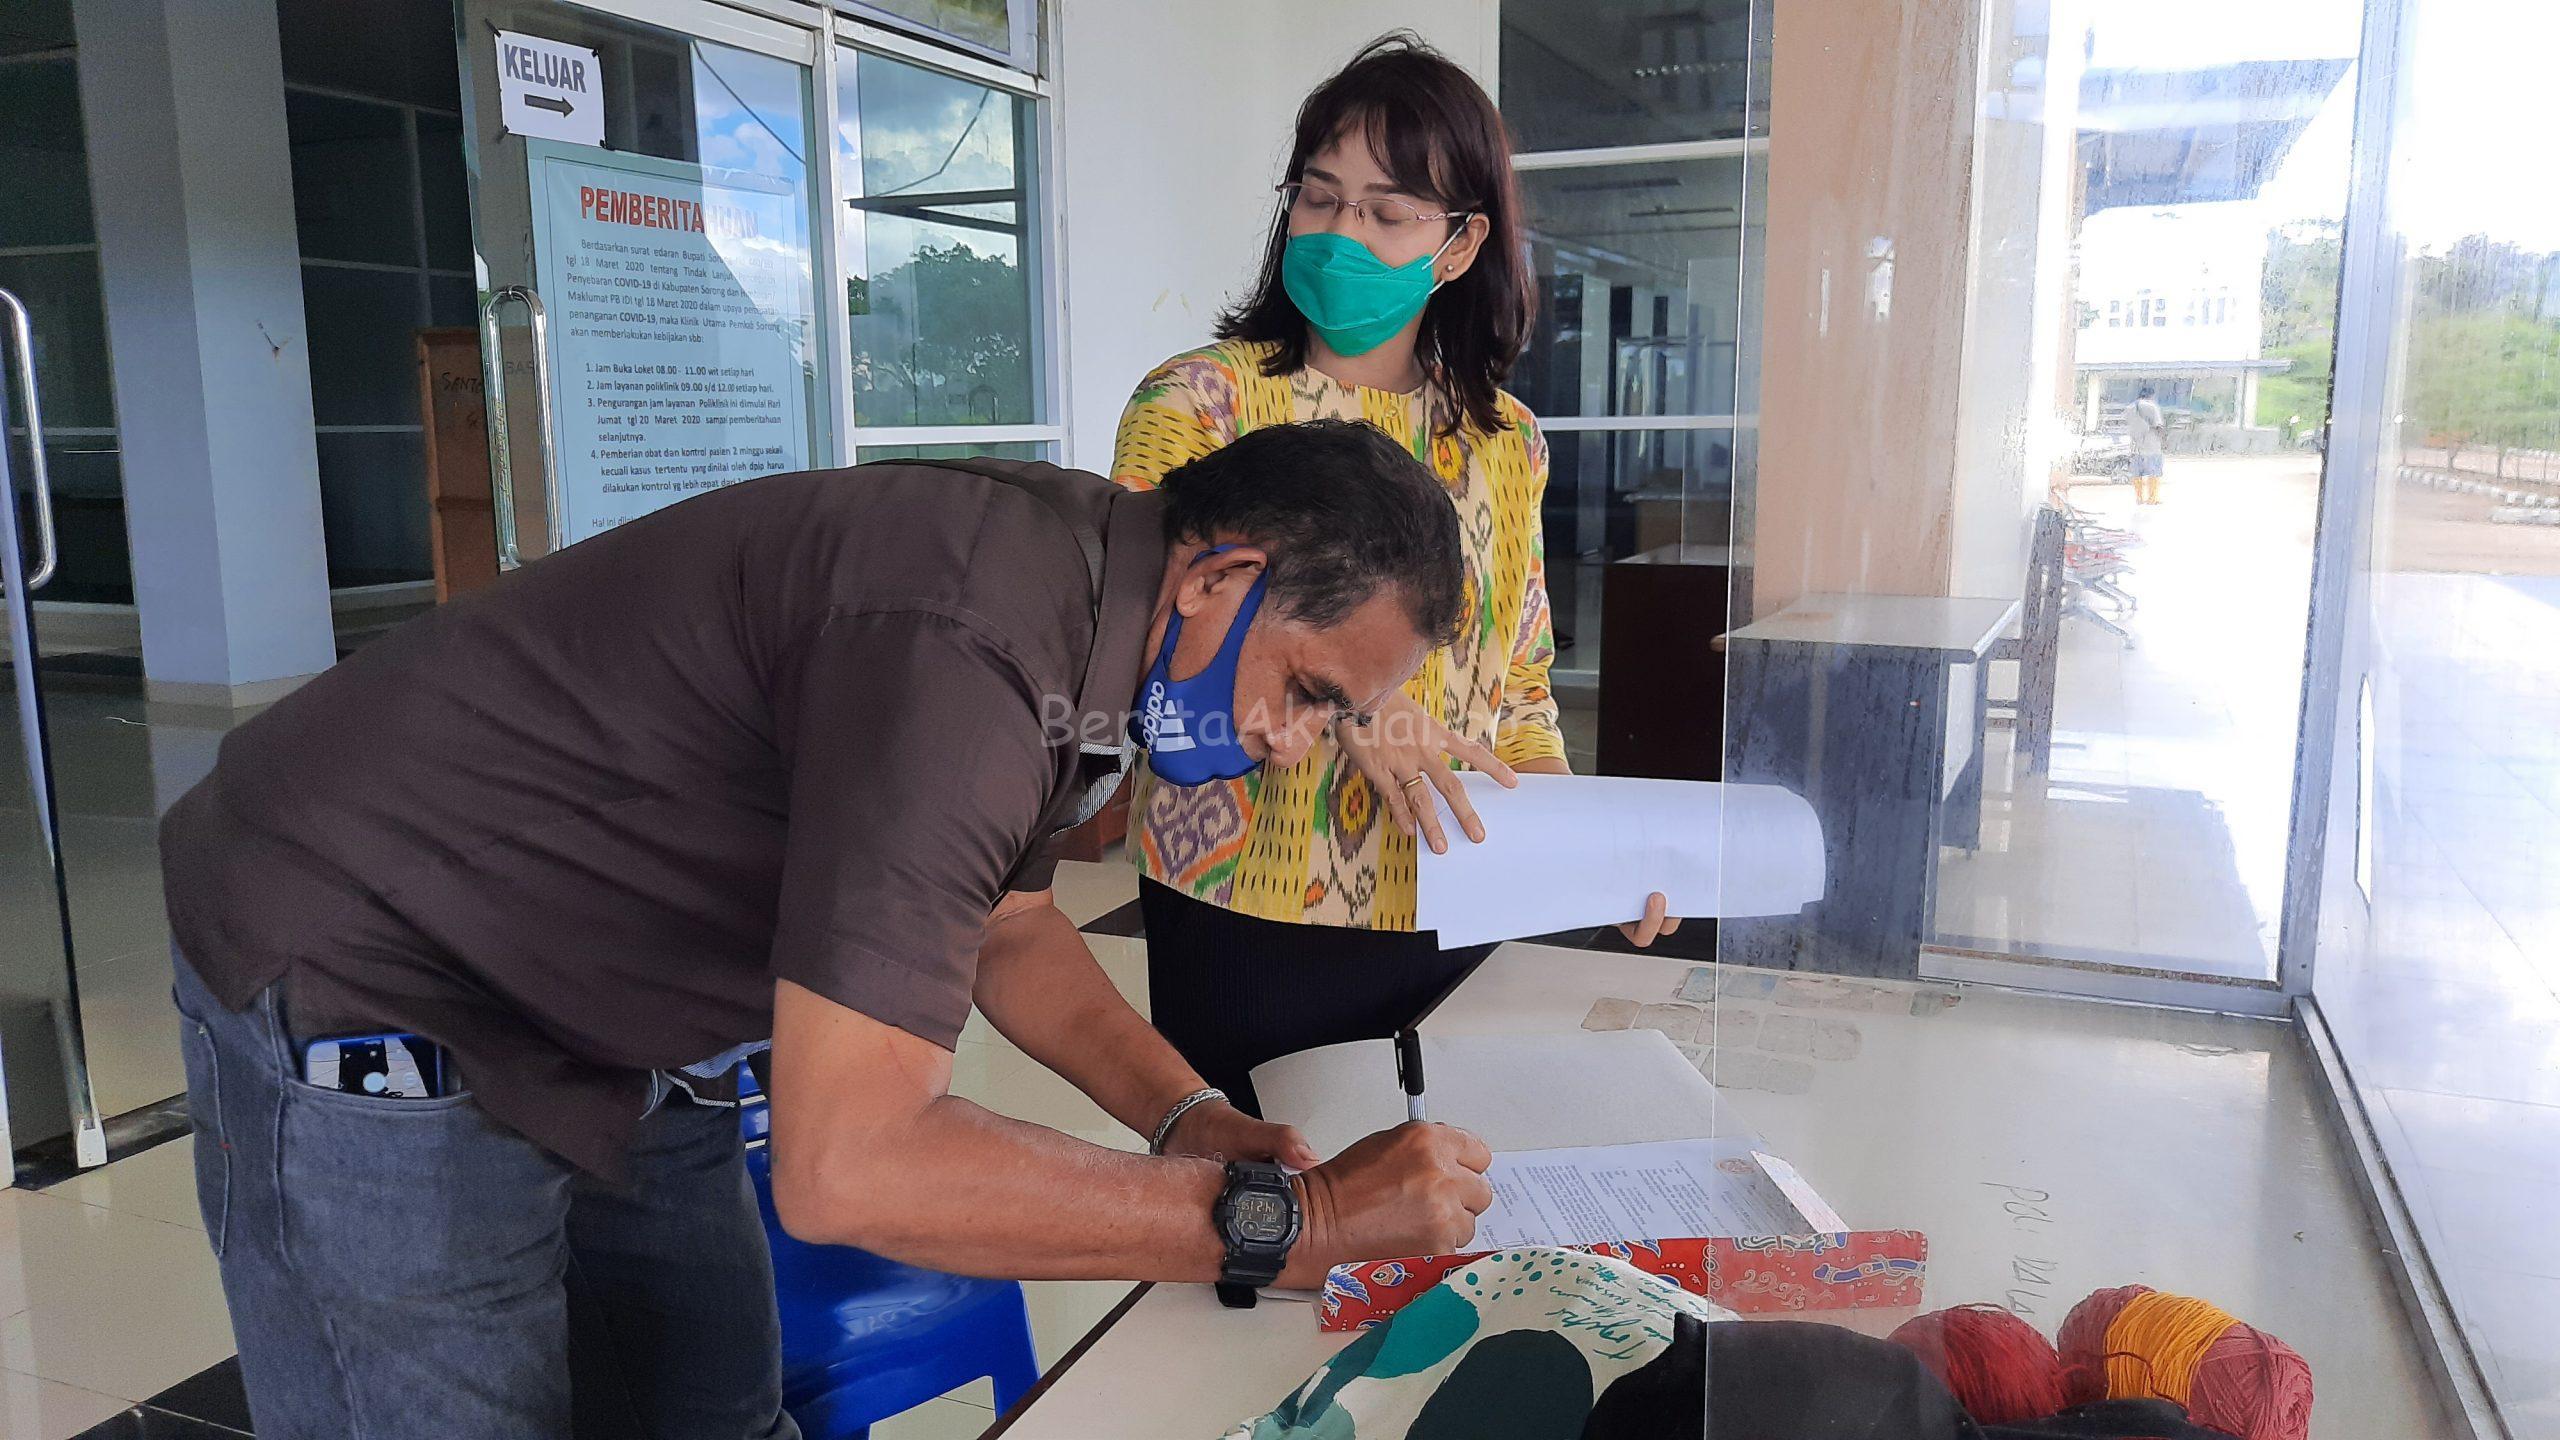 Ribuan APD Dari Robert Kardinal Untuk Tiga RS di Sorong Papua Barat di Distribusikan 2 20200703 141903 scaled